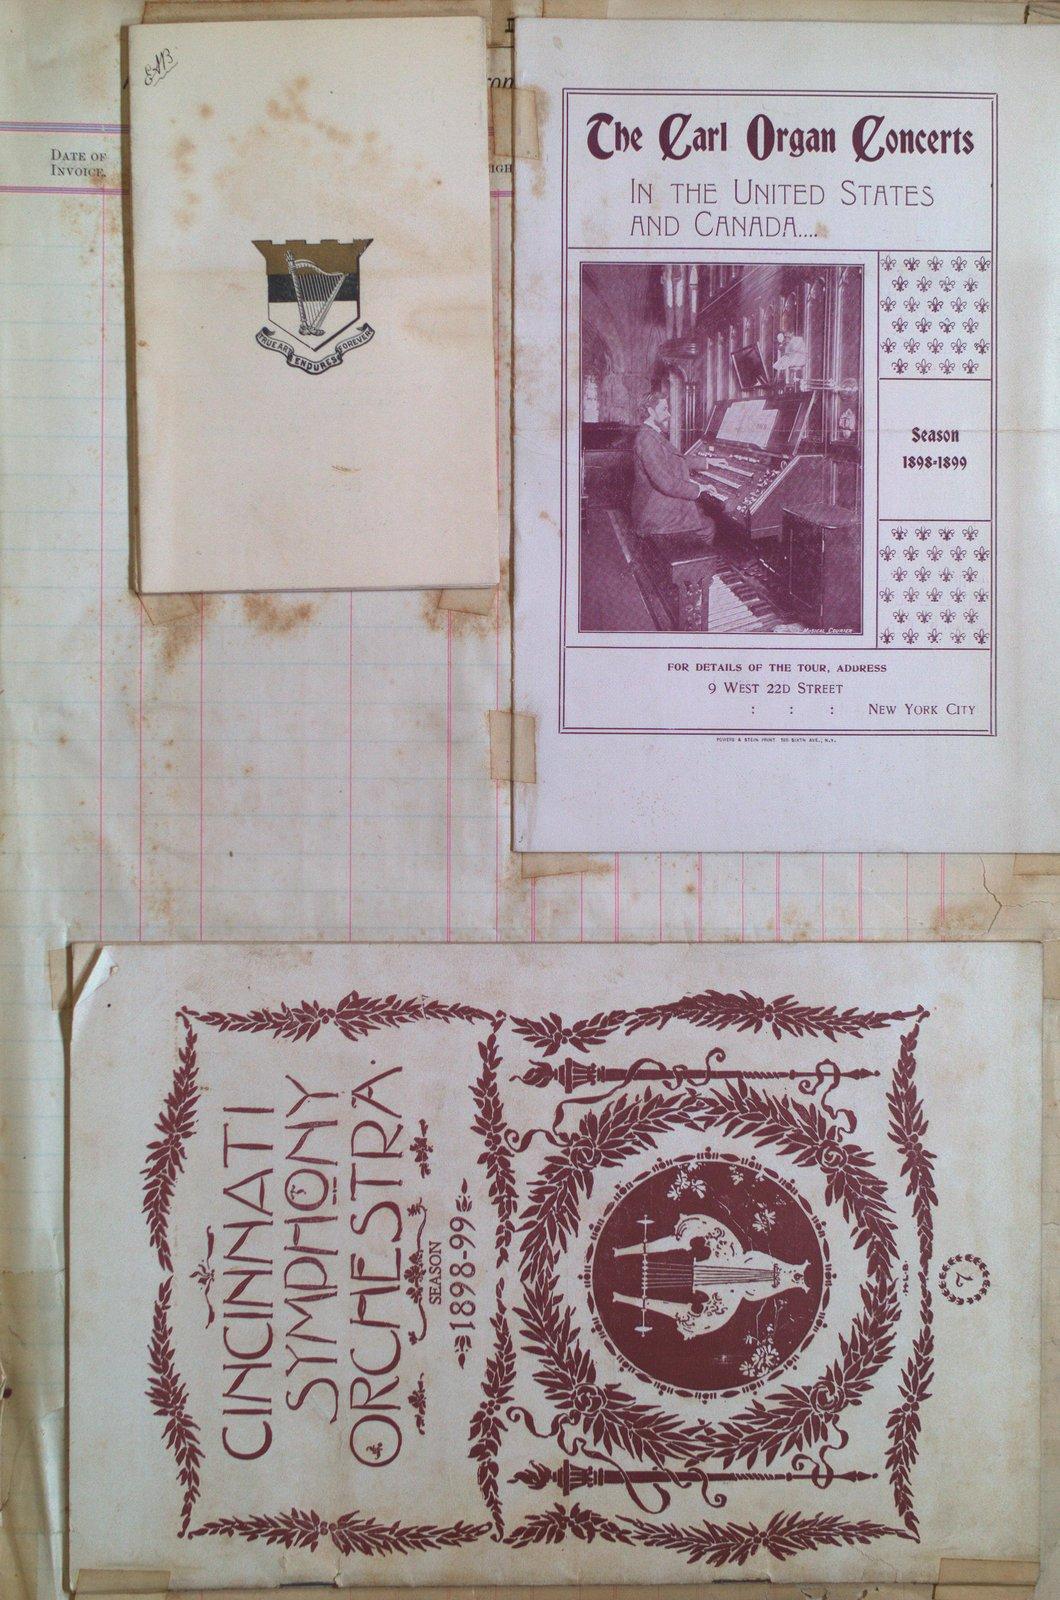 Teresa Vanderburgh's Musical Scrapbook #2 - Piano, Orchestra and Organ Concert Programs